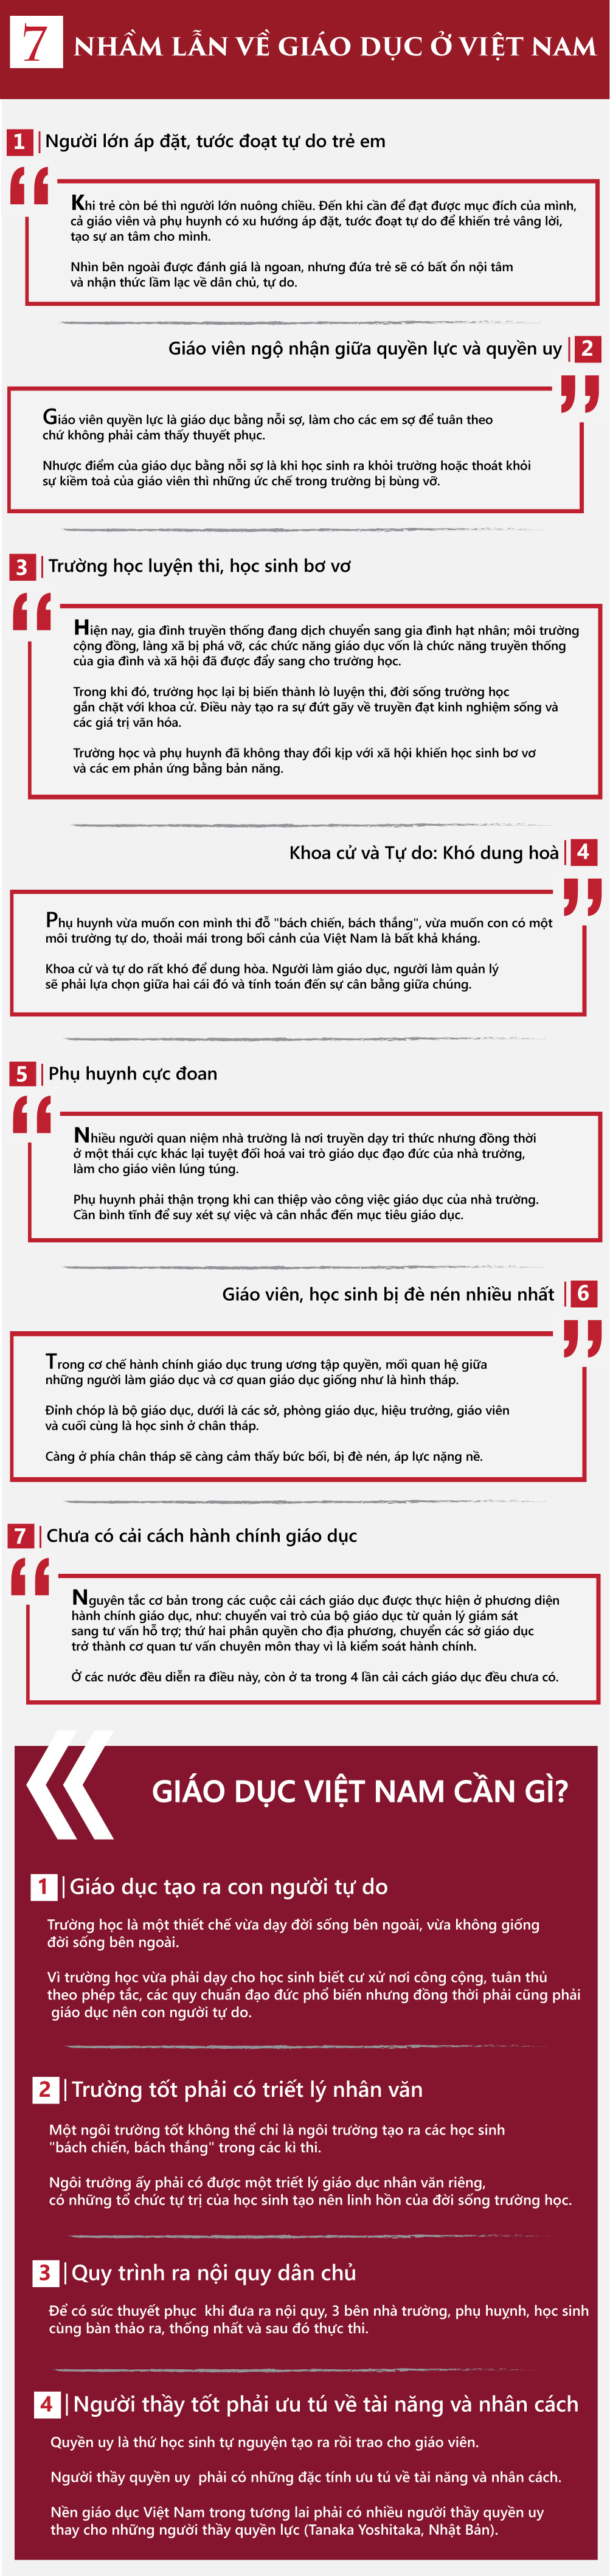 giáo dục Việt Nam, đổi mới giáo dục, cải cách giáo dục, Nguyễn Quốc Vương, triết lý giáo dục